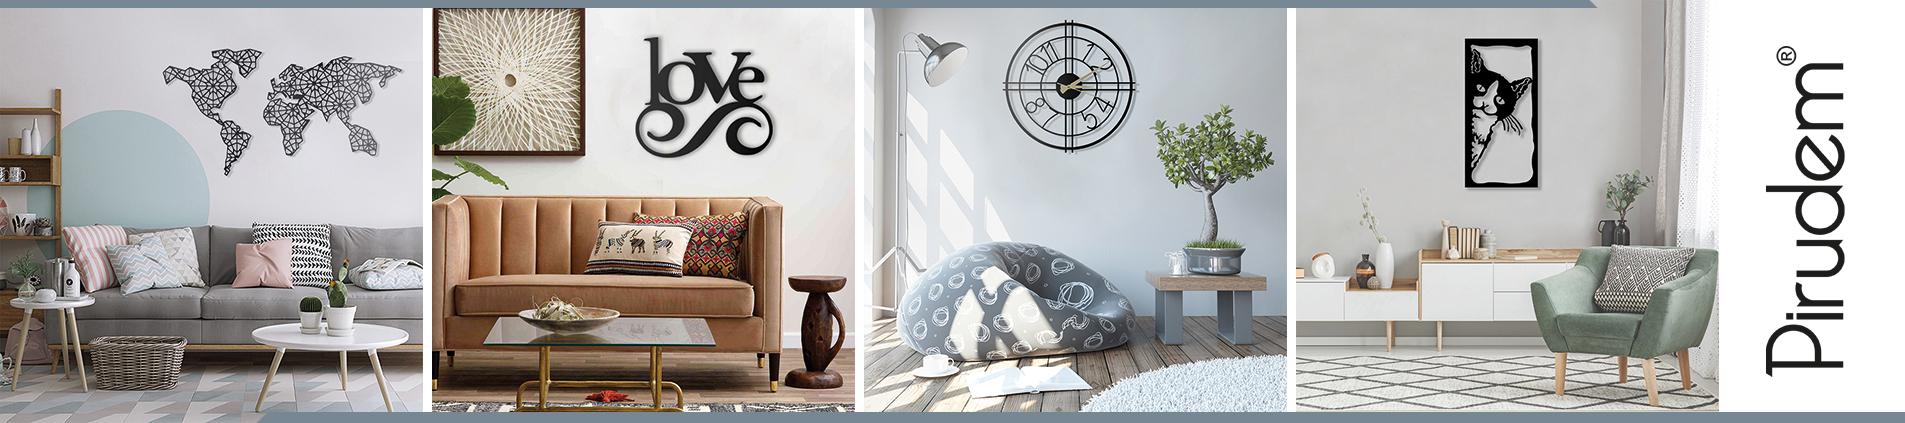 Metalowe dekoracje, ozdoby, zegary do kupienia w sklepie internetowym bonmario.com